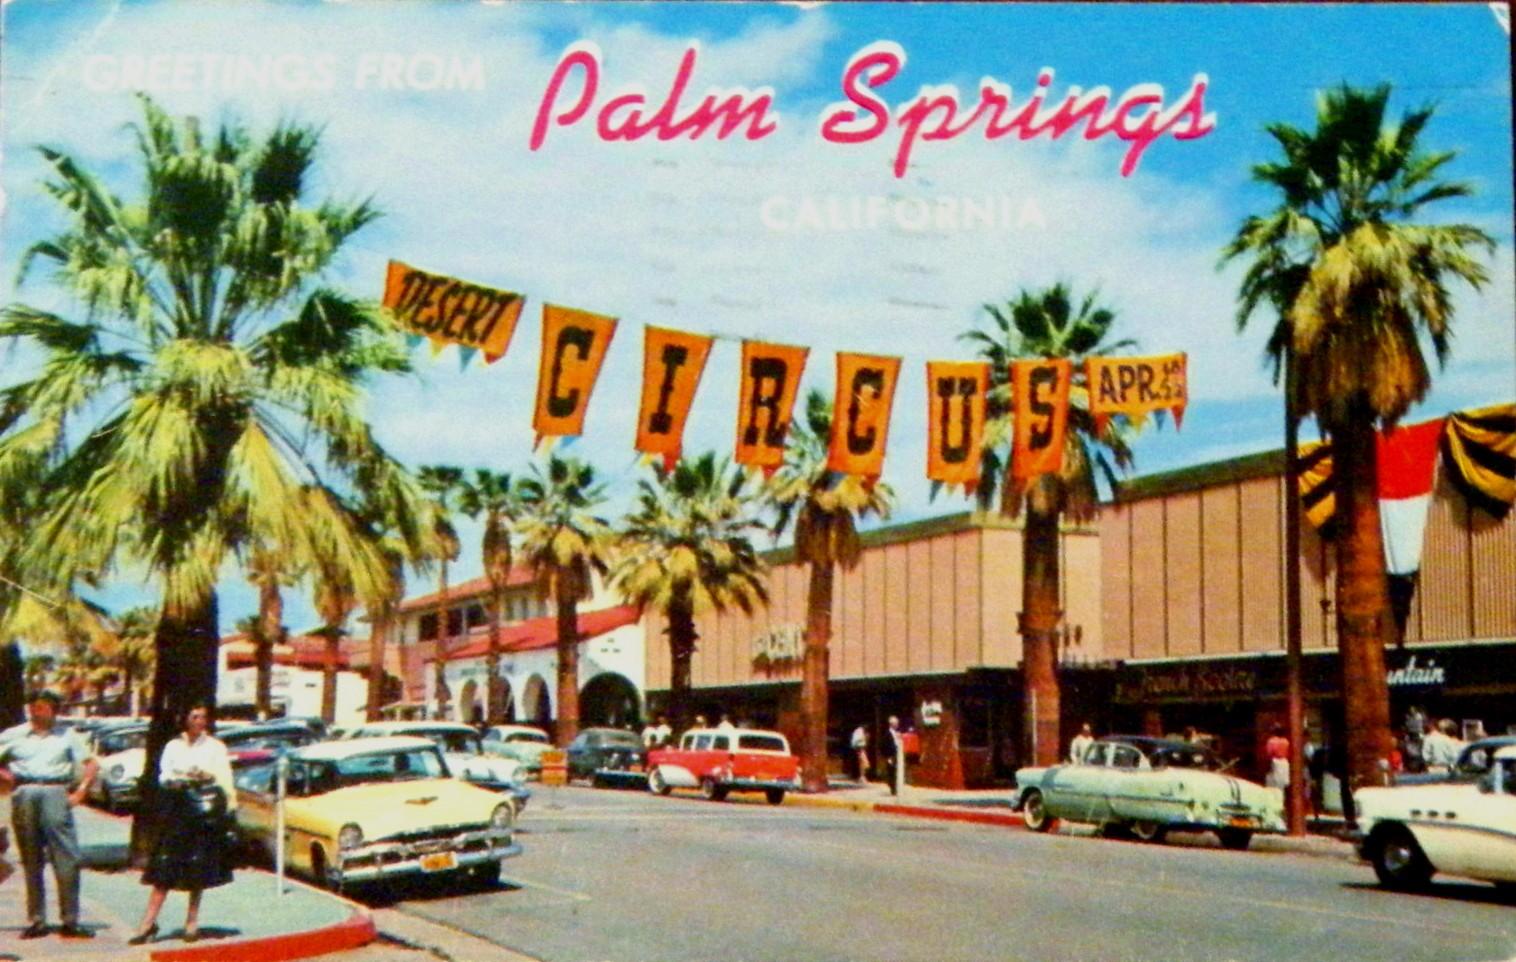 Lt Palmsprings